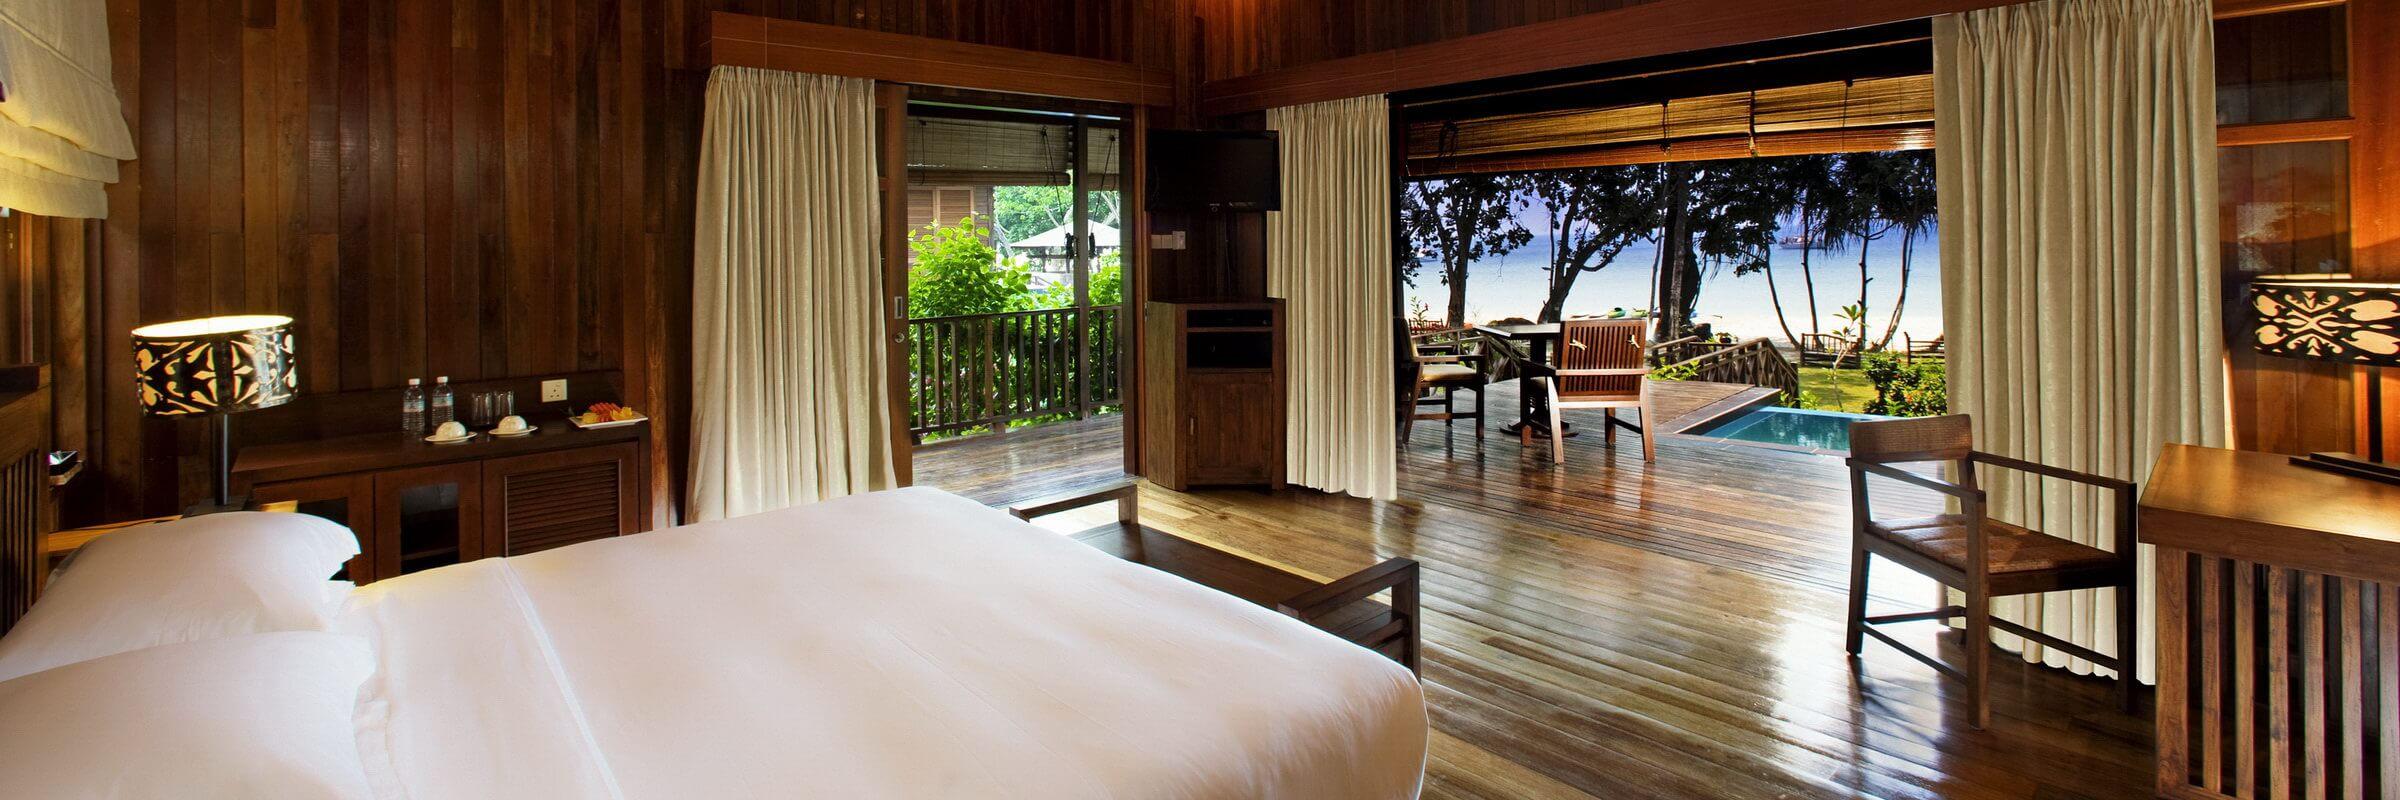 Die Plunge Pool Villen im Bunga Raya Island Resort & Spa sind 87 qm groß und haben einen eigenen kleinen Pool auf der Terrasse.